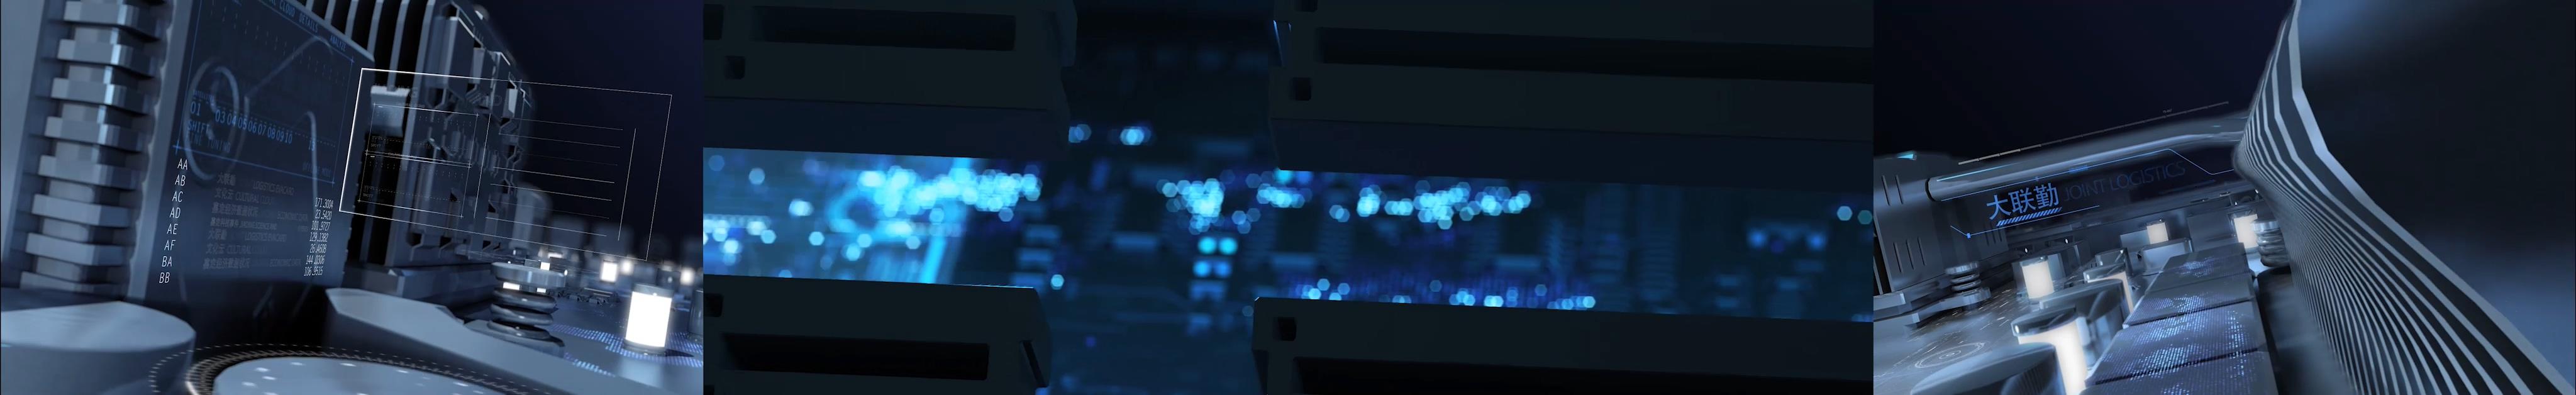 崇明区产品三维动画费用 欢迎来电「上海知映文化传媒供应」